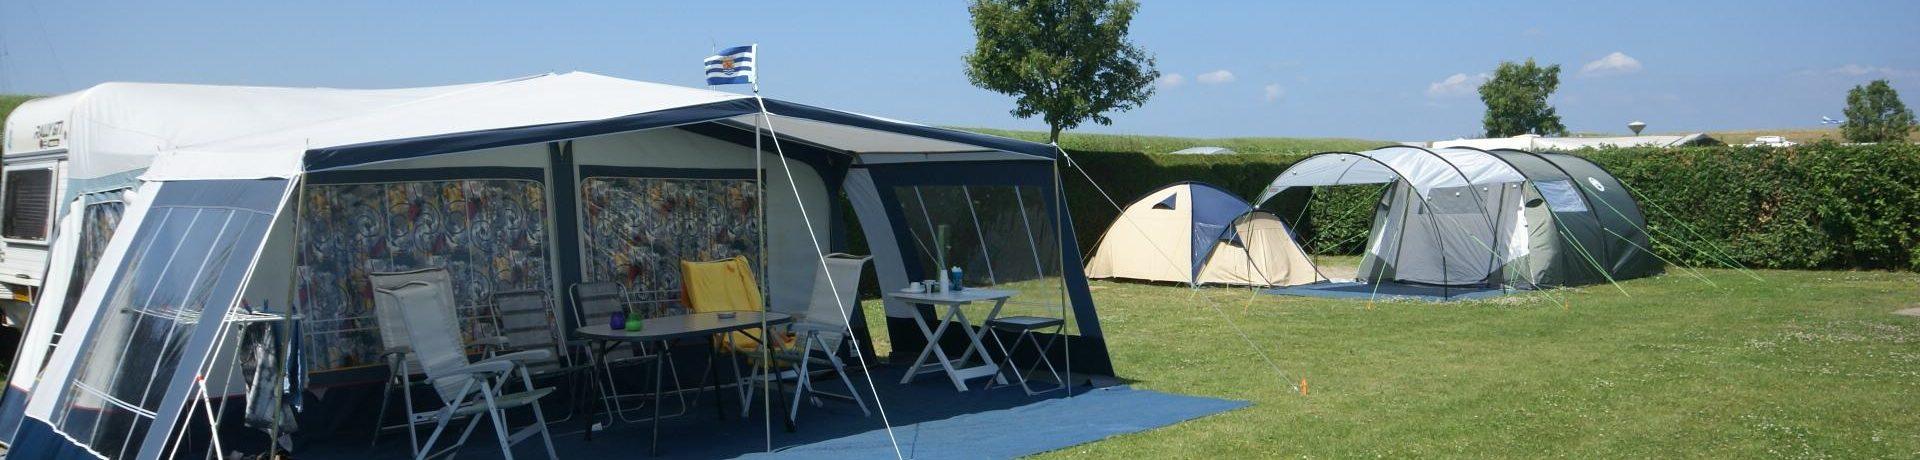 Camping Linda is een fijne kleine camping aan zee in Wemeldinge in de provincie Zeeland met 50 toerplaatsen en 13 huuraccommodaties.